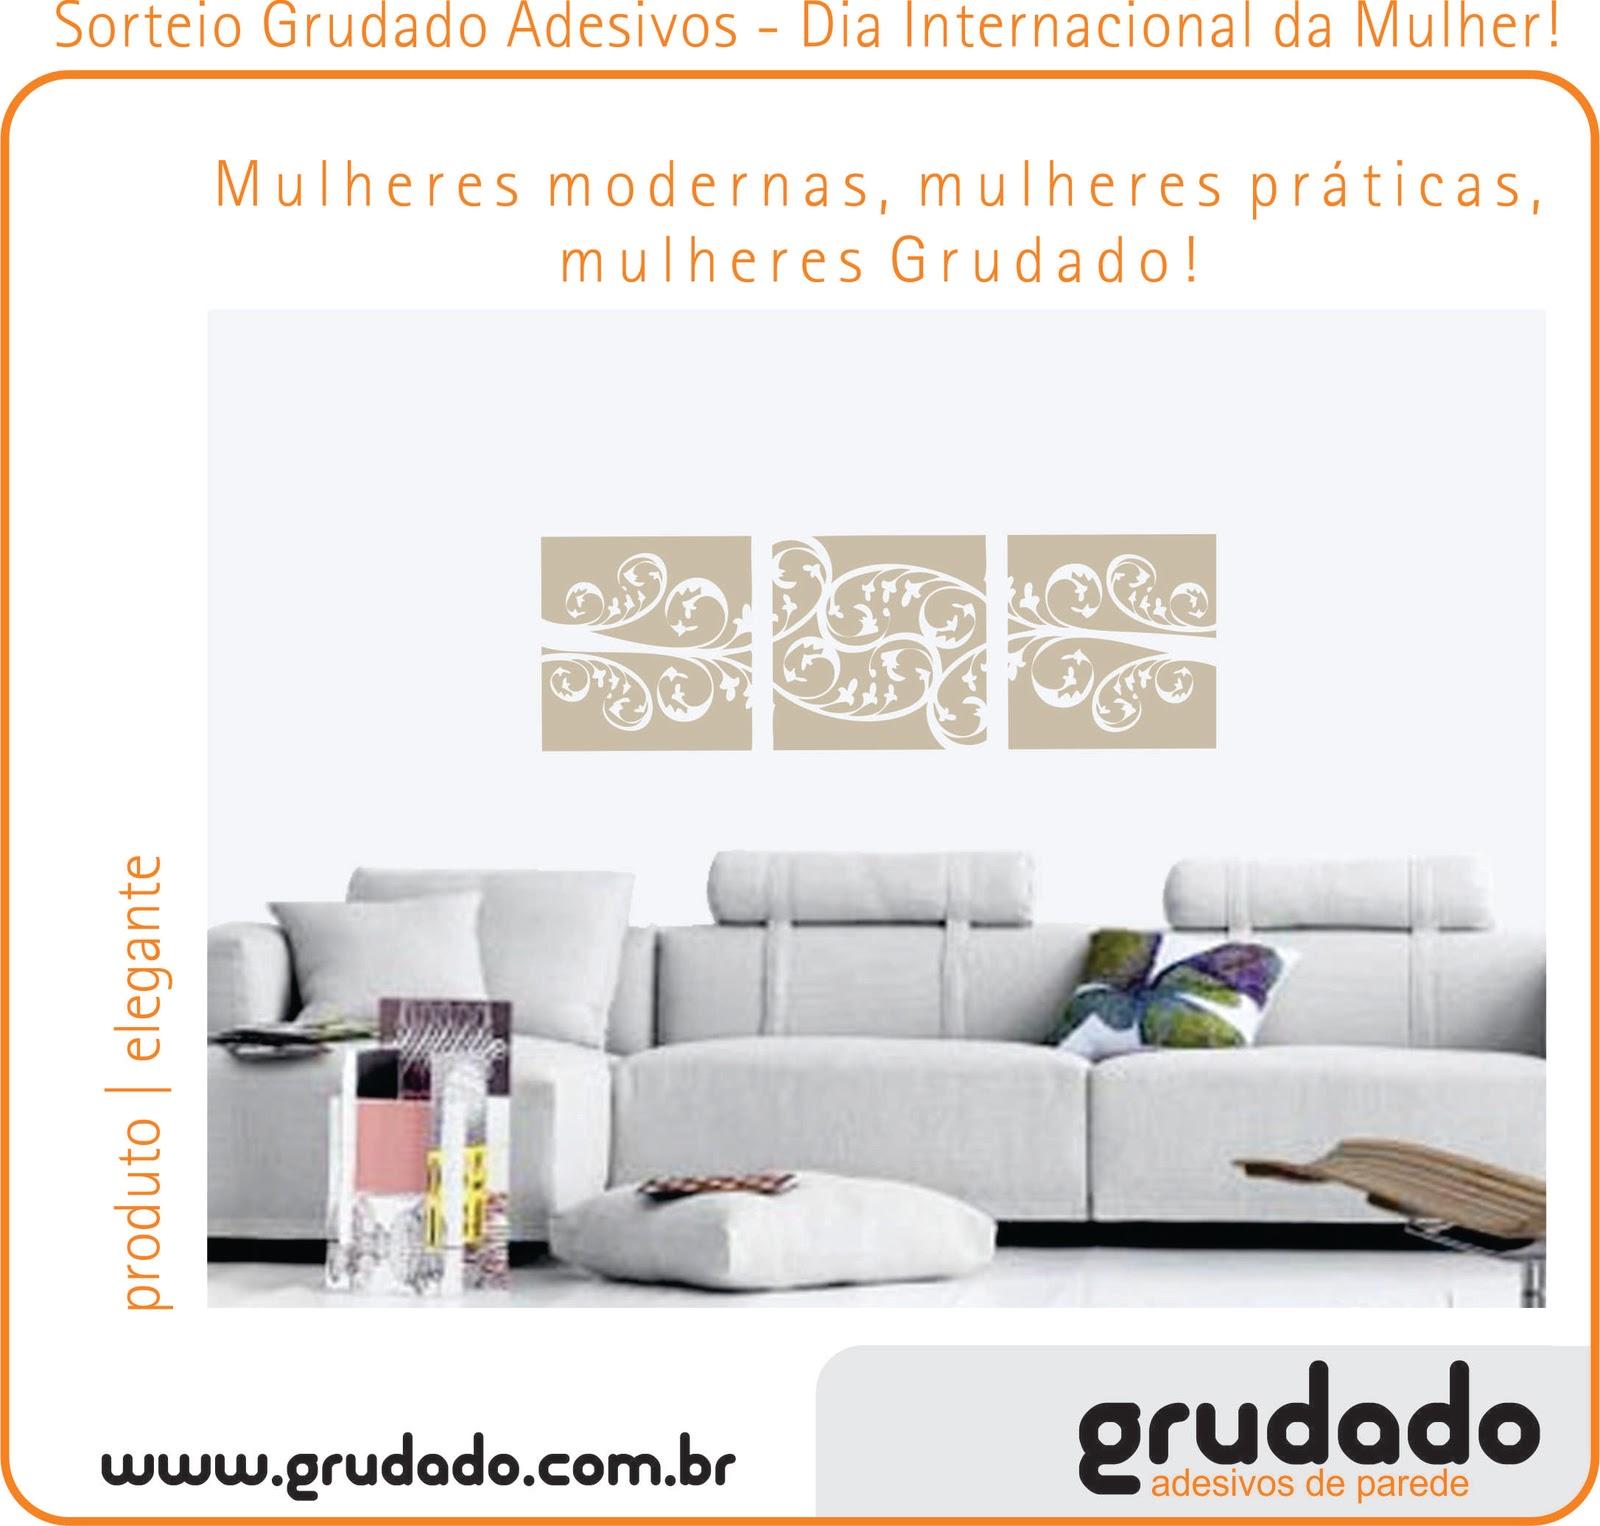 Resultado do sorteio em parceria com a Grudado Adesivos  Blá blá blá com con -> Banheiro Feminino Bla Bla Bla